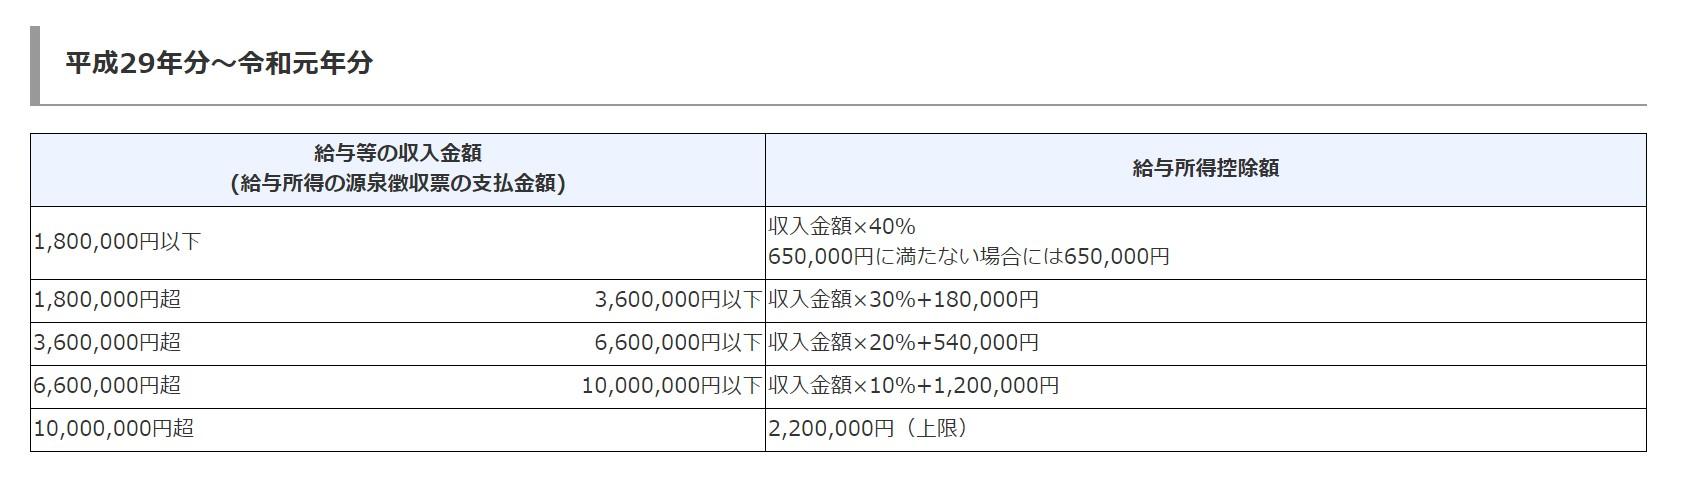 給与 所得税 計算 シュミレーション